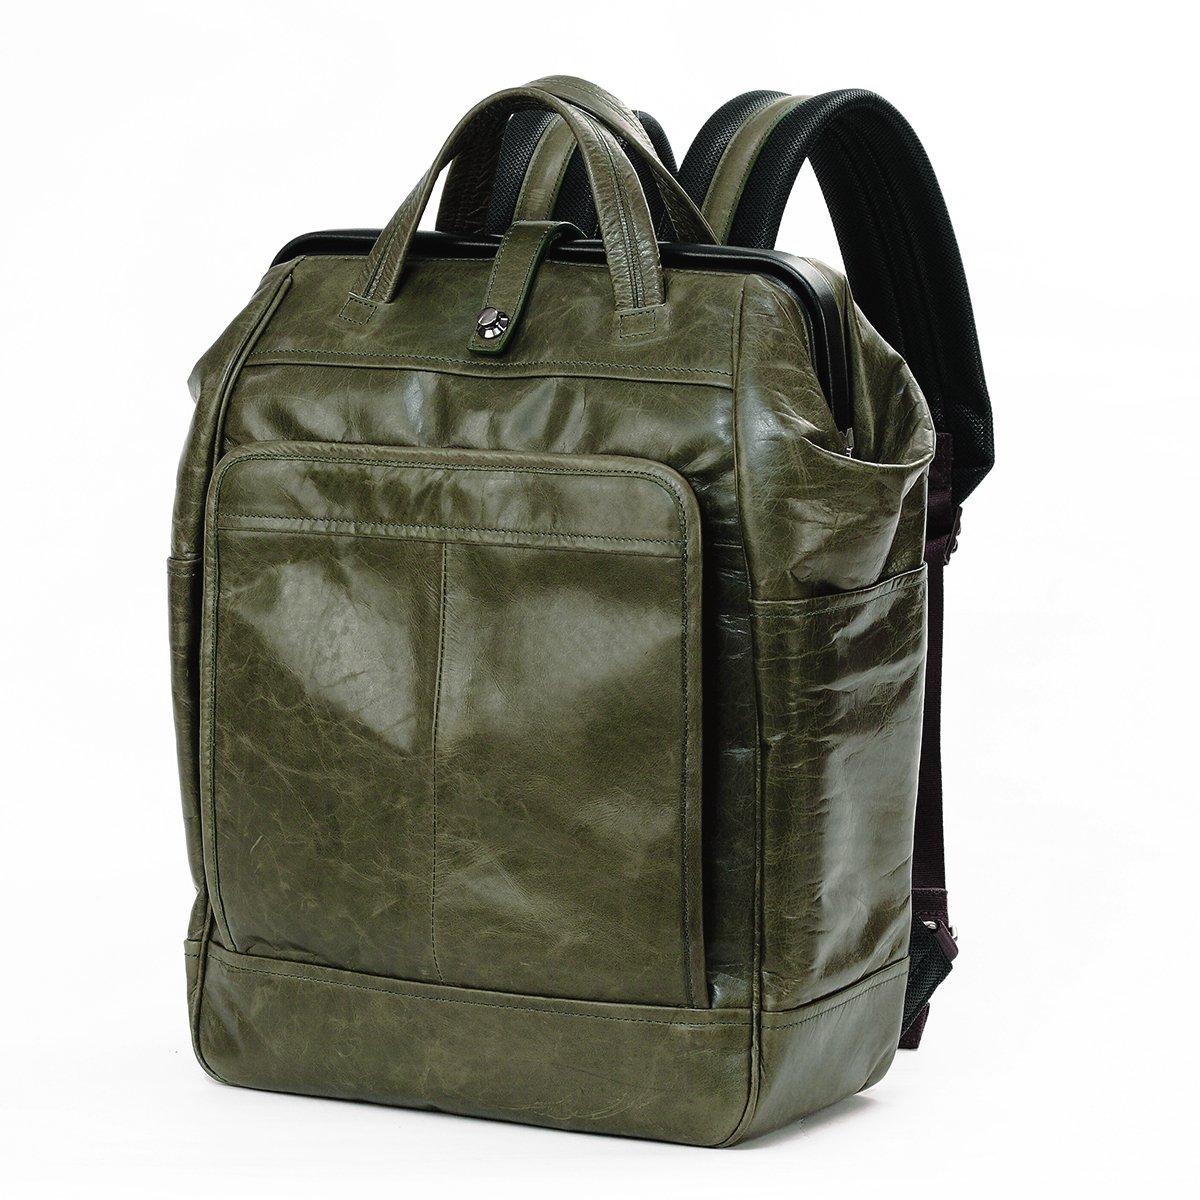 [アートフィアー] リュック 豊岡鞄 馬革 カバロ メンズ レディース B01N6S1G54 グリーン グリーン